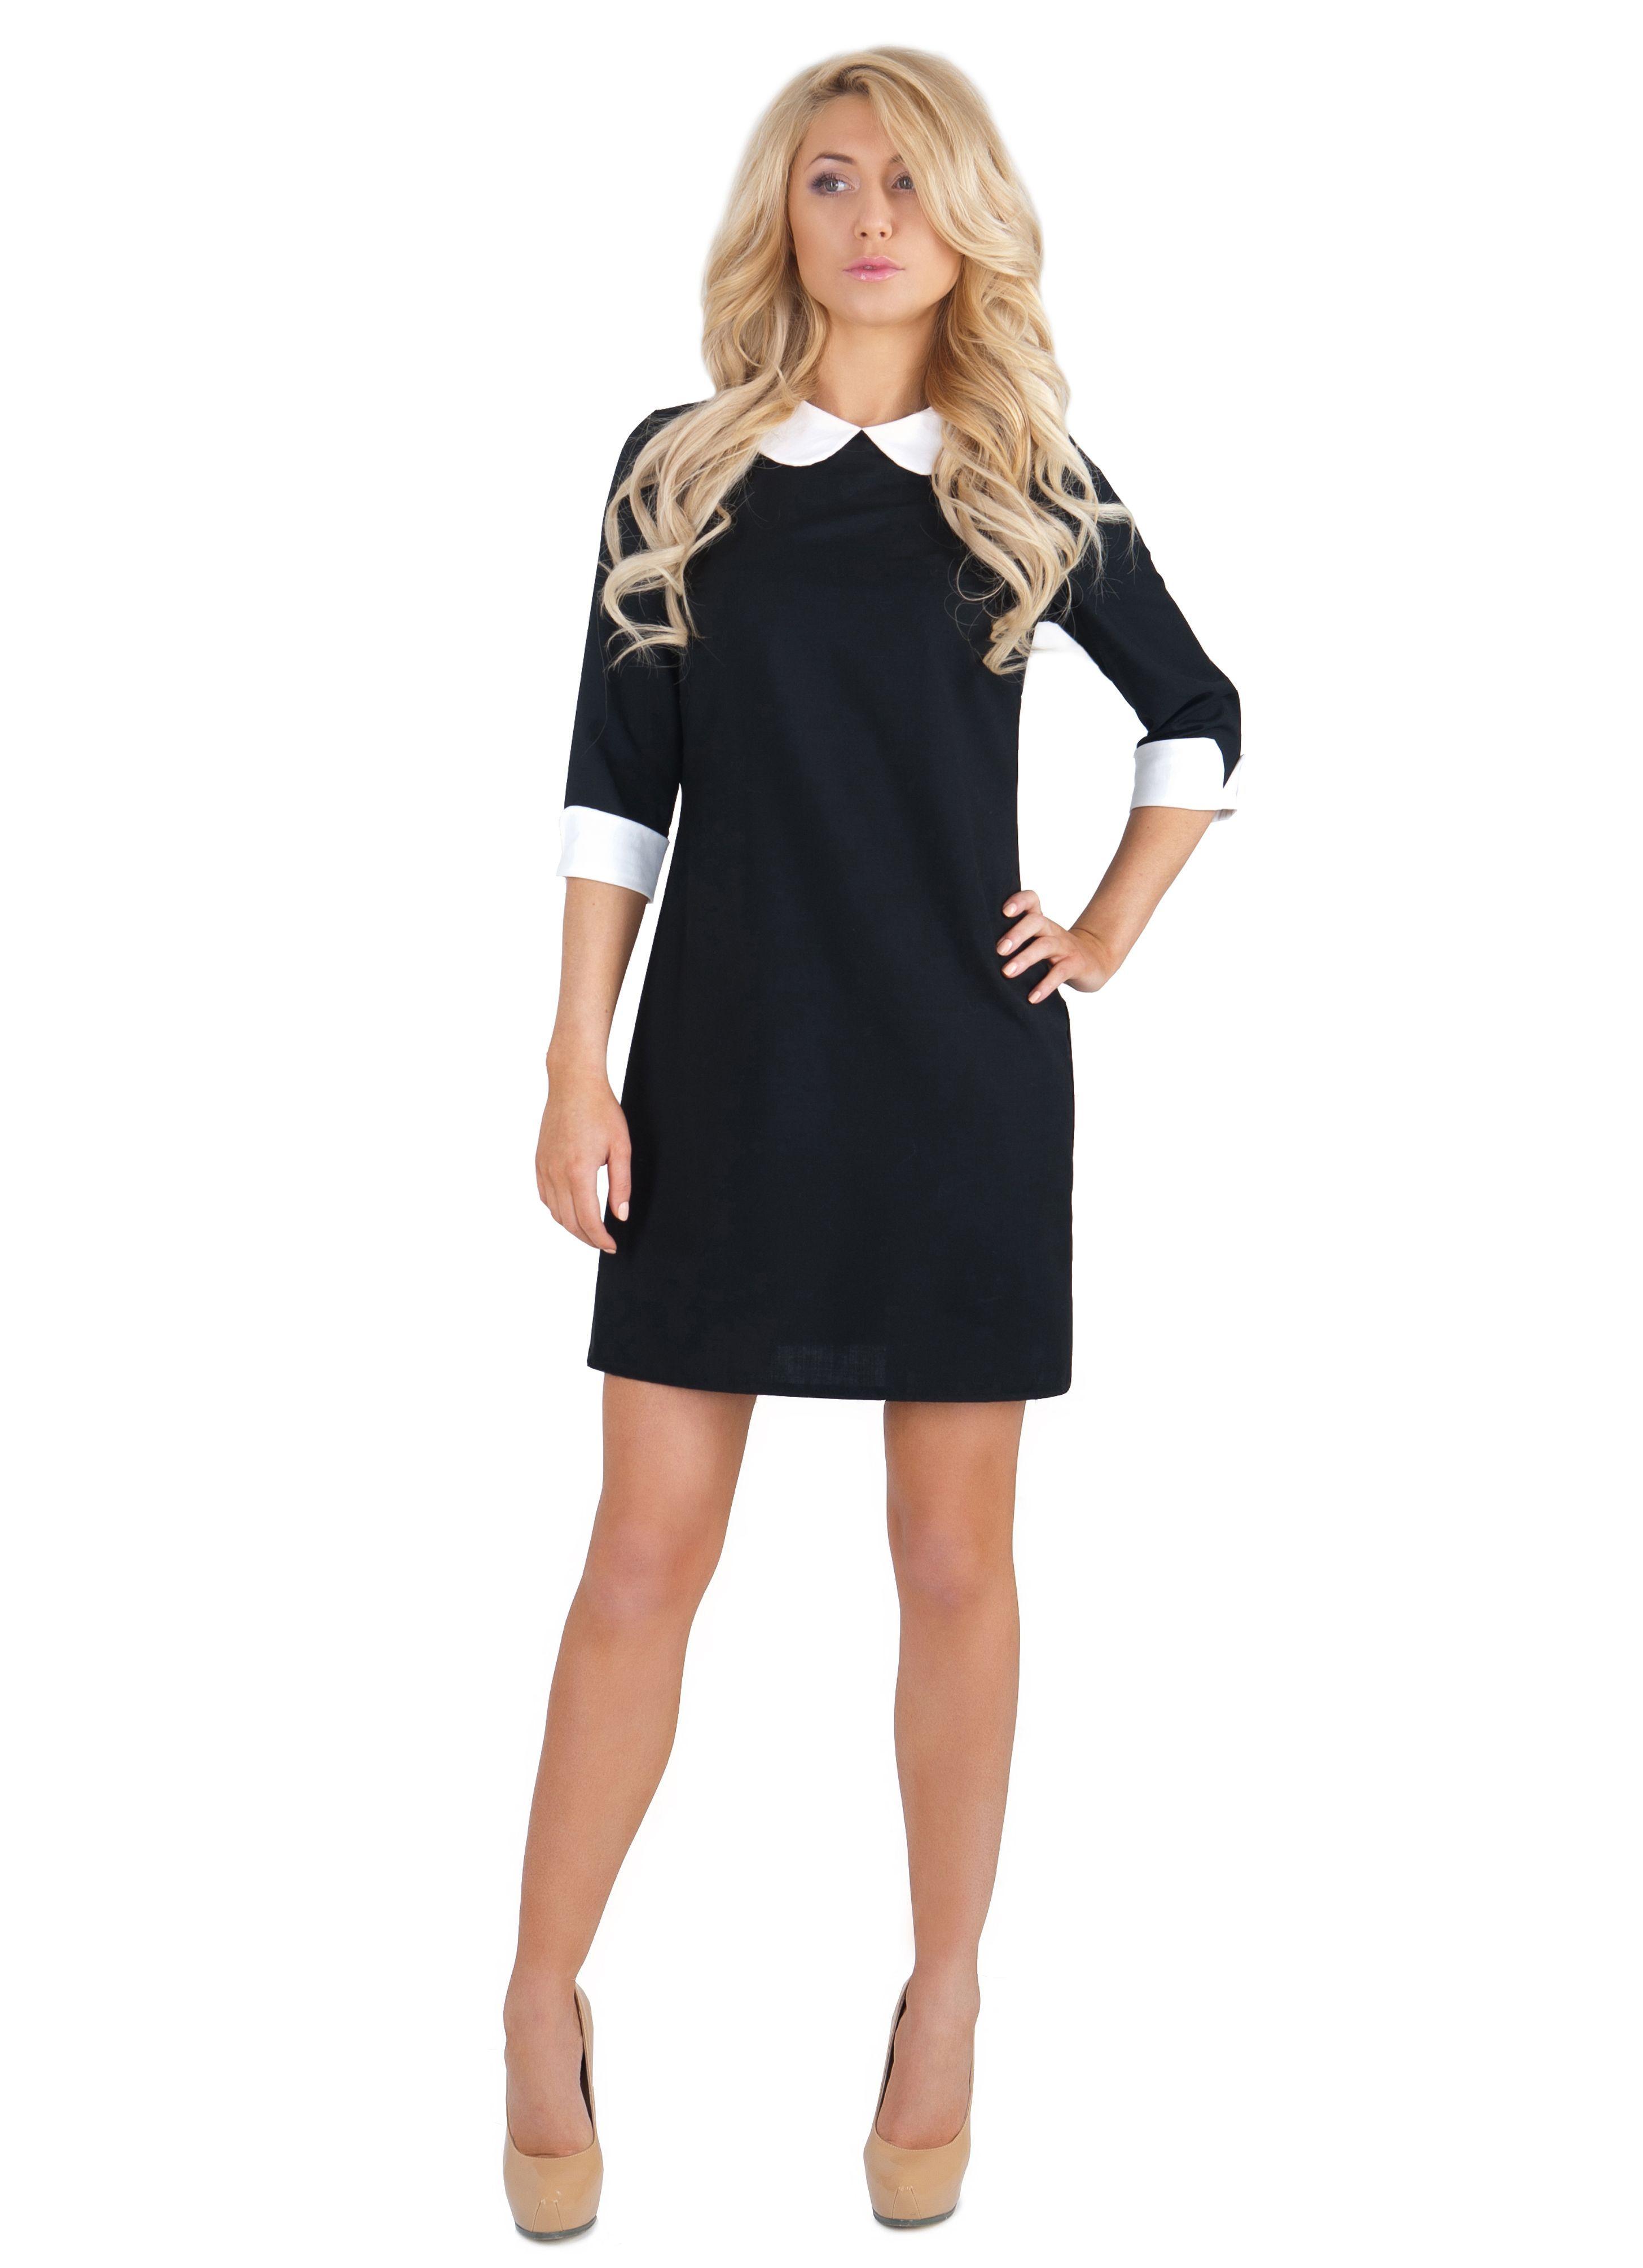 e4ddce648 Прямое платье 2018 (137 фото): длинные, до колен, короткое, черное, без  рукавов, в пол, свободного кроя